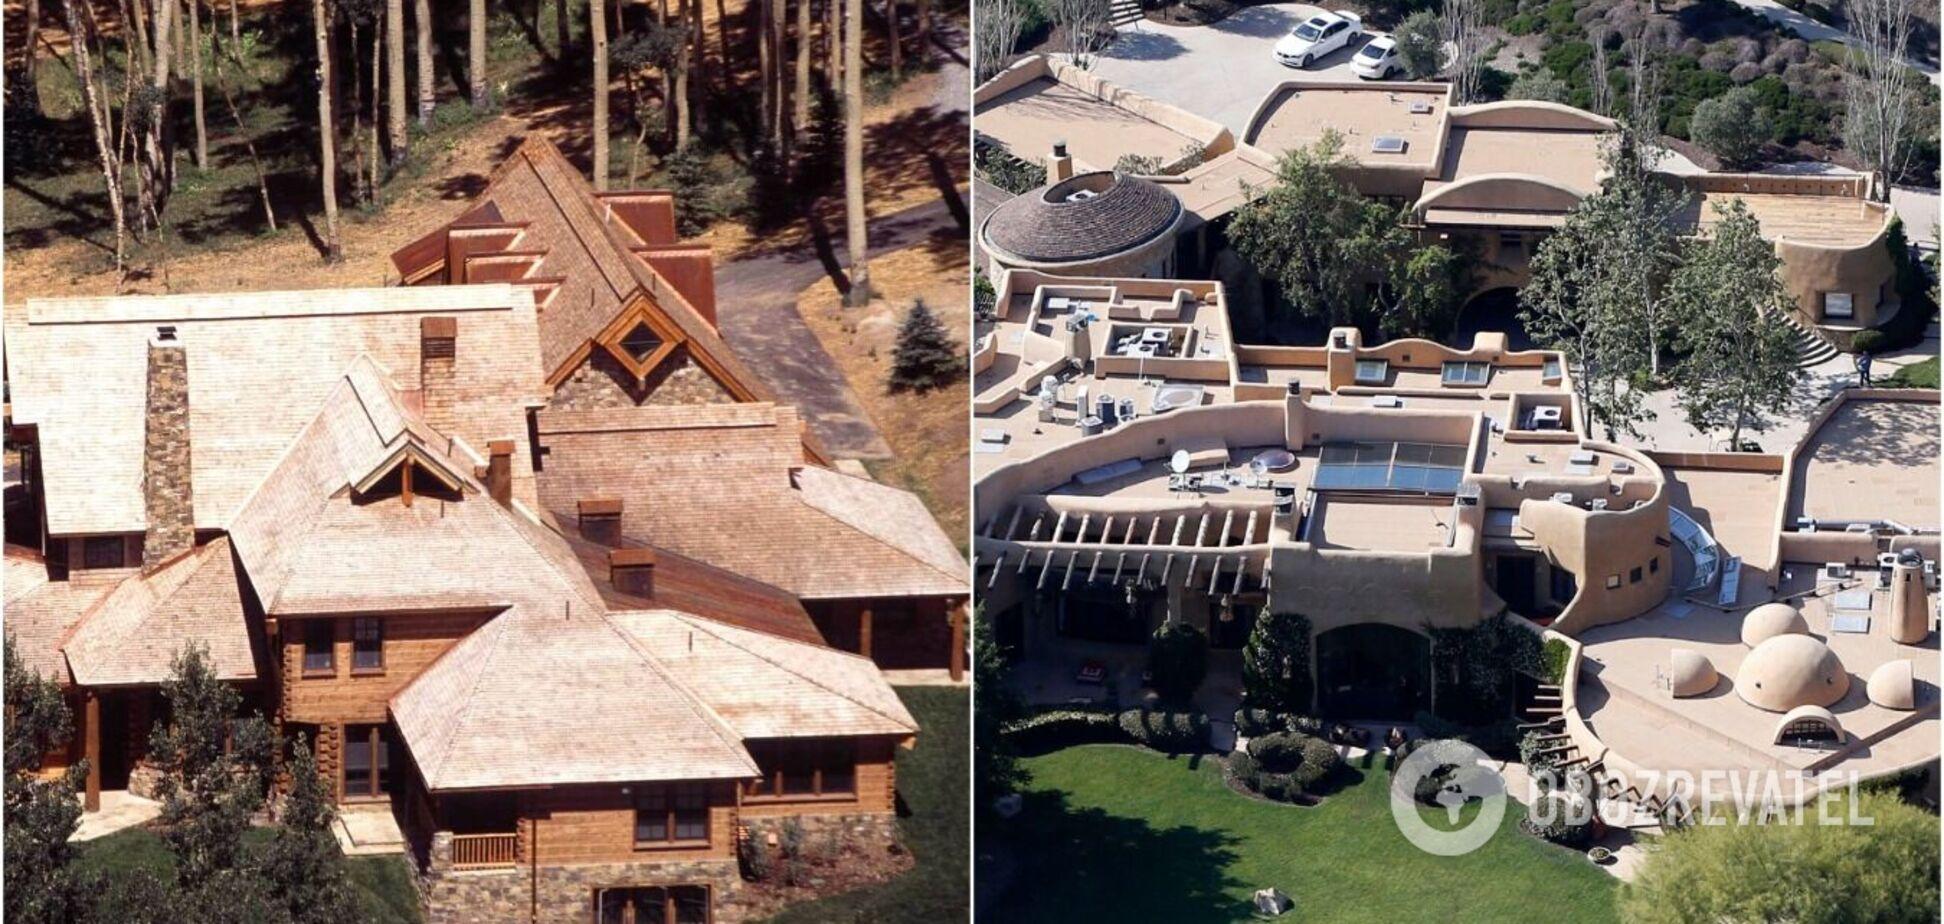 Как выглядят 7 самых дорогих домов Джей Ло, Уилла Смита, Опры Уинфри и других звезд. Фото